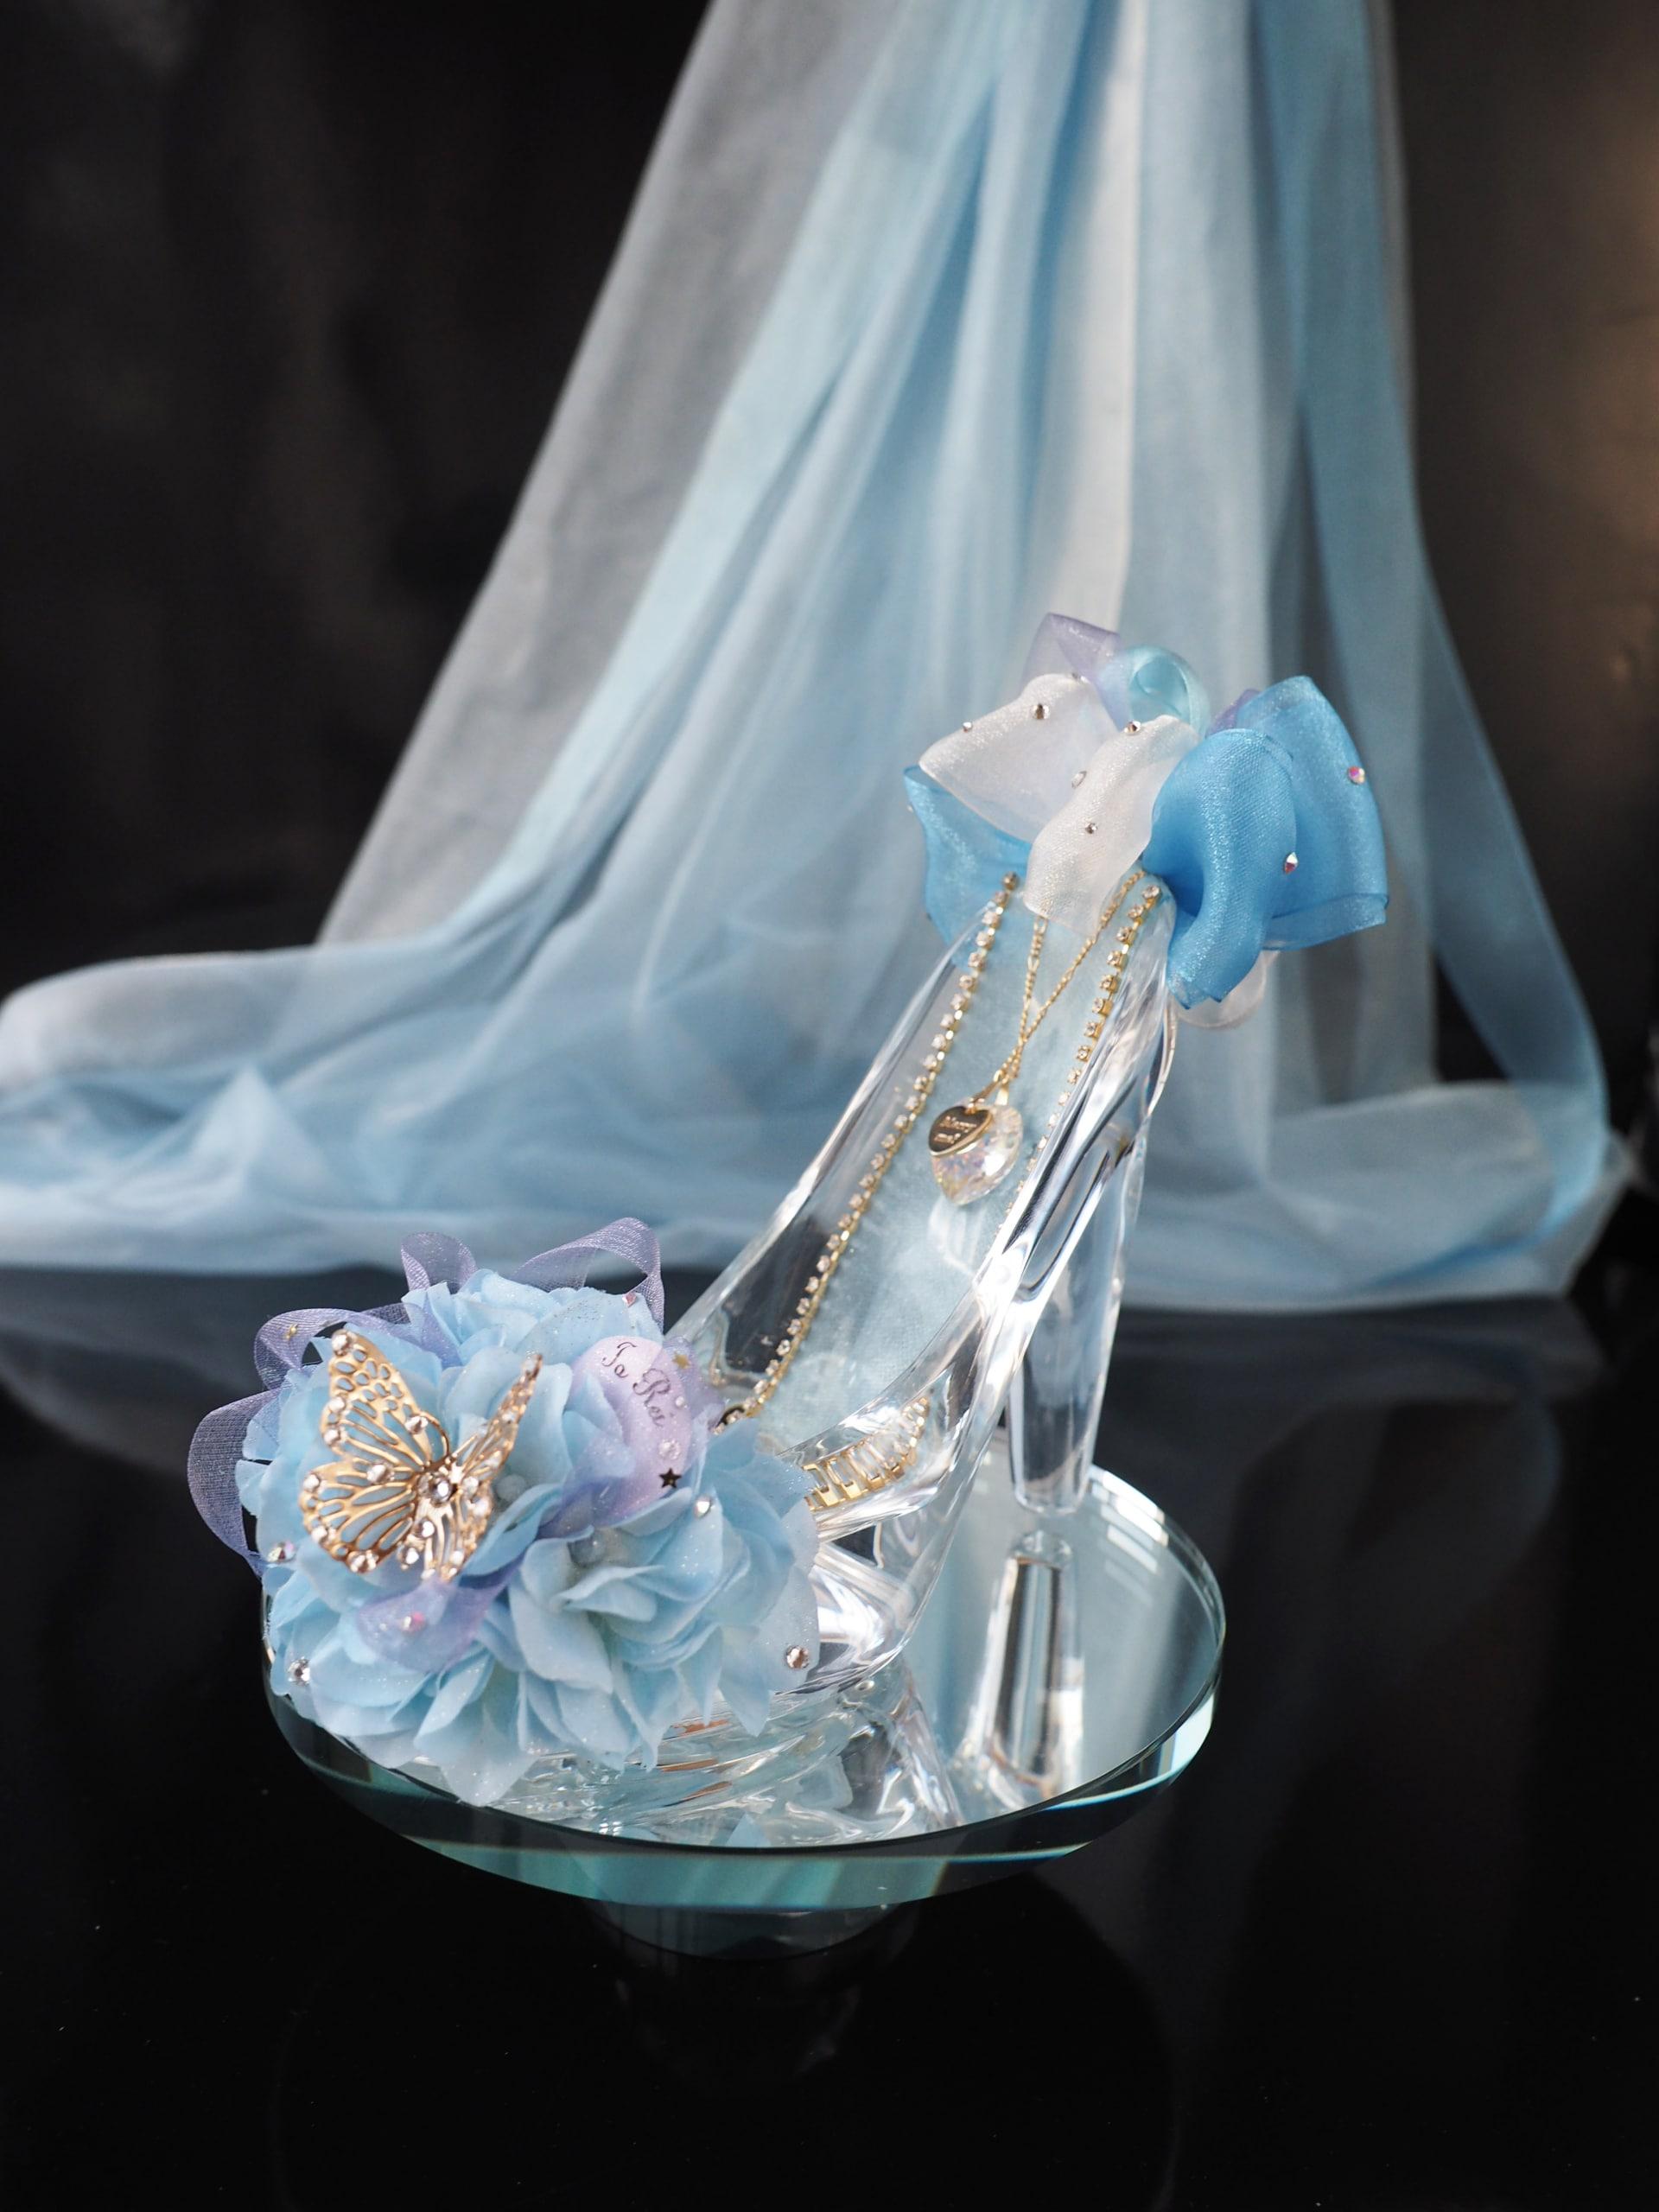 彼女をプリンセスに!ガラスの靴を使ったシンデレラプロポーズのイメージ